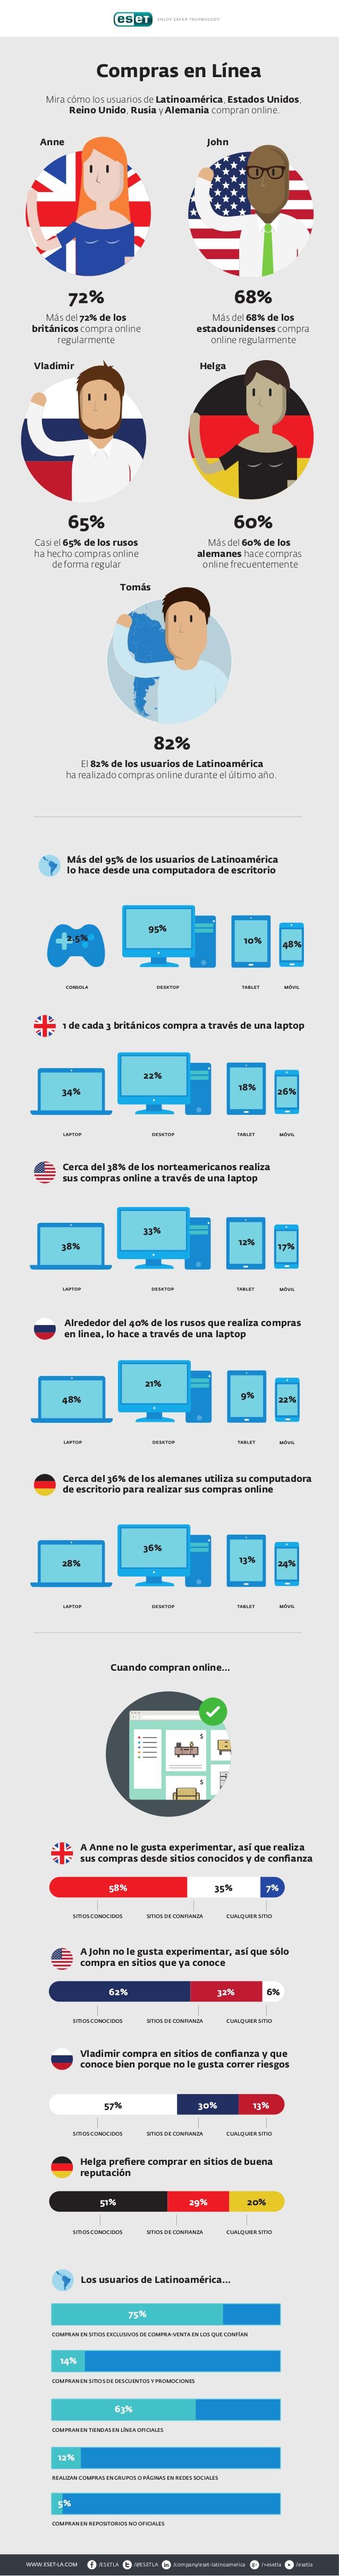 Cómo compran online los usuarios de Latinoamérica y el mundo